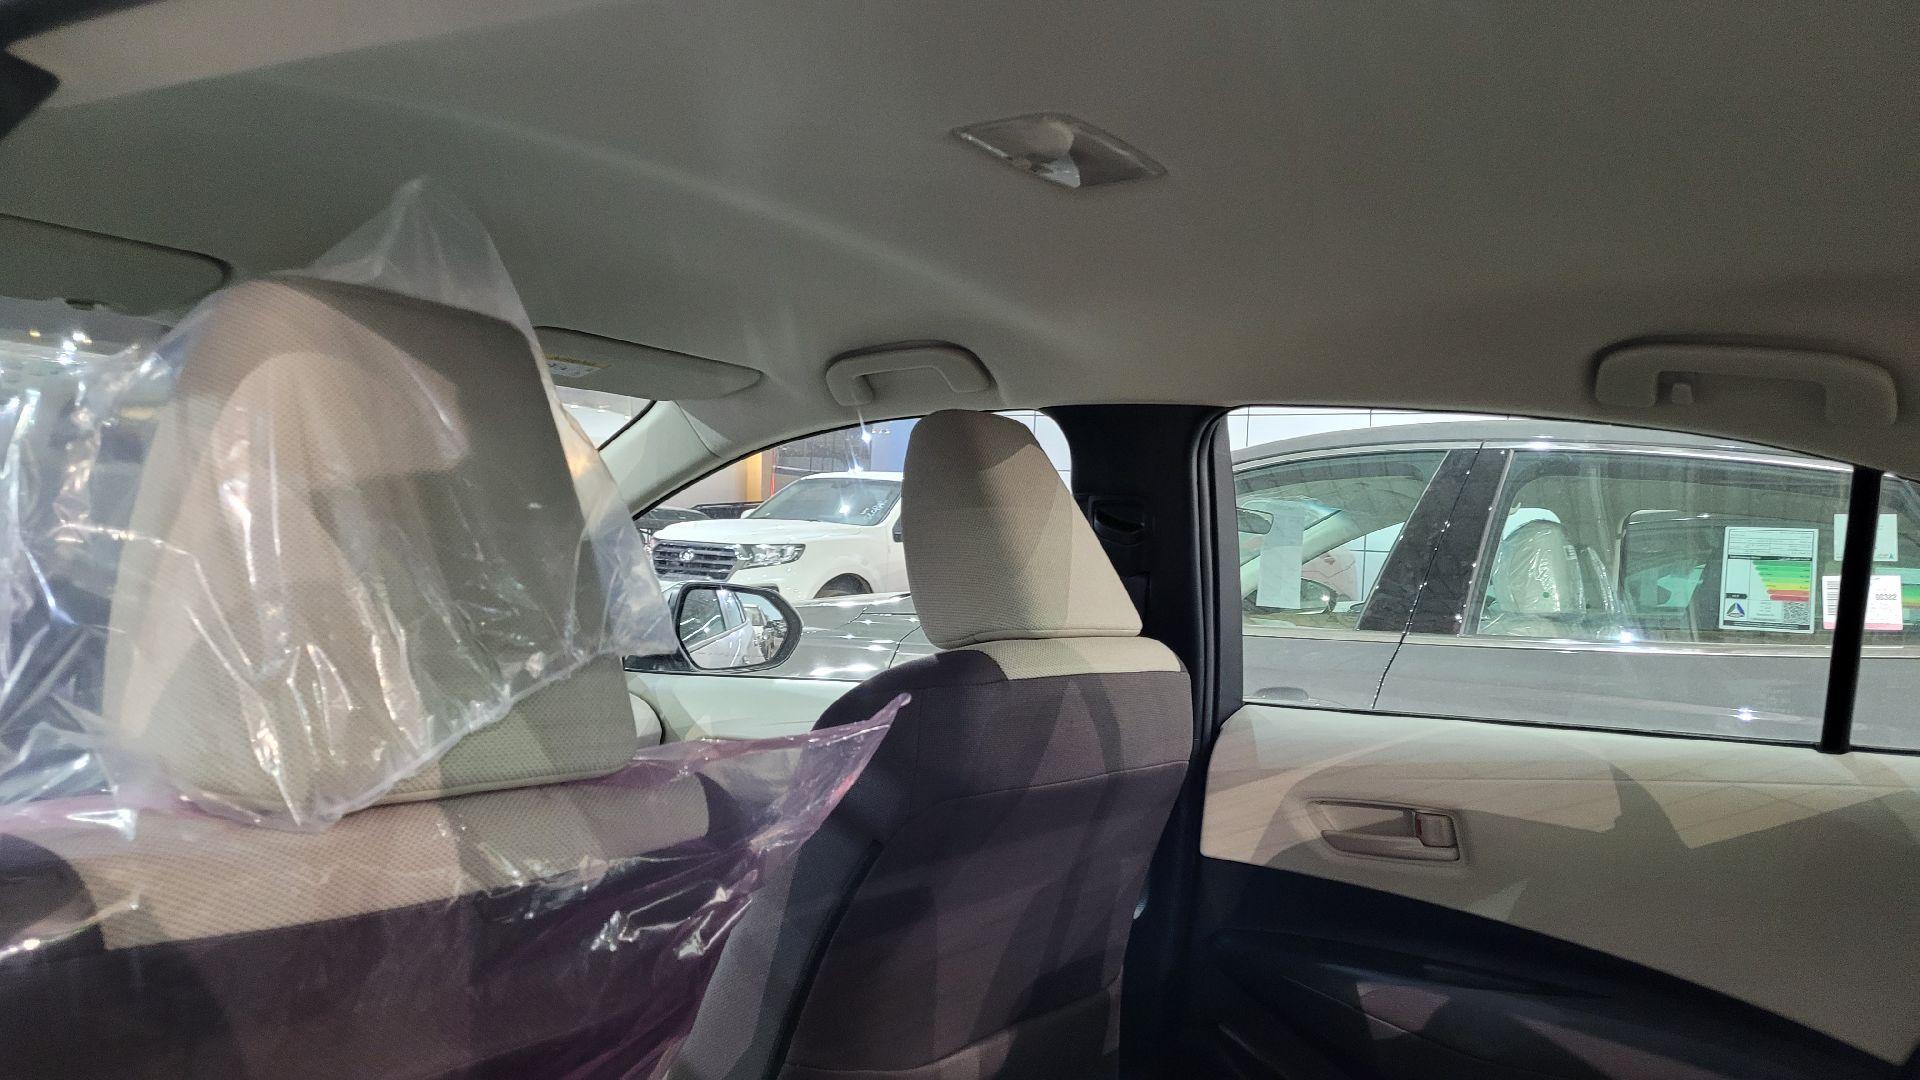 مباع - تويوتا كورولا XLI ستاندر  2021 سعودي جديد للبيع في الرياض - السعودية - صورة كبيرة - 8